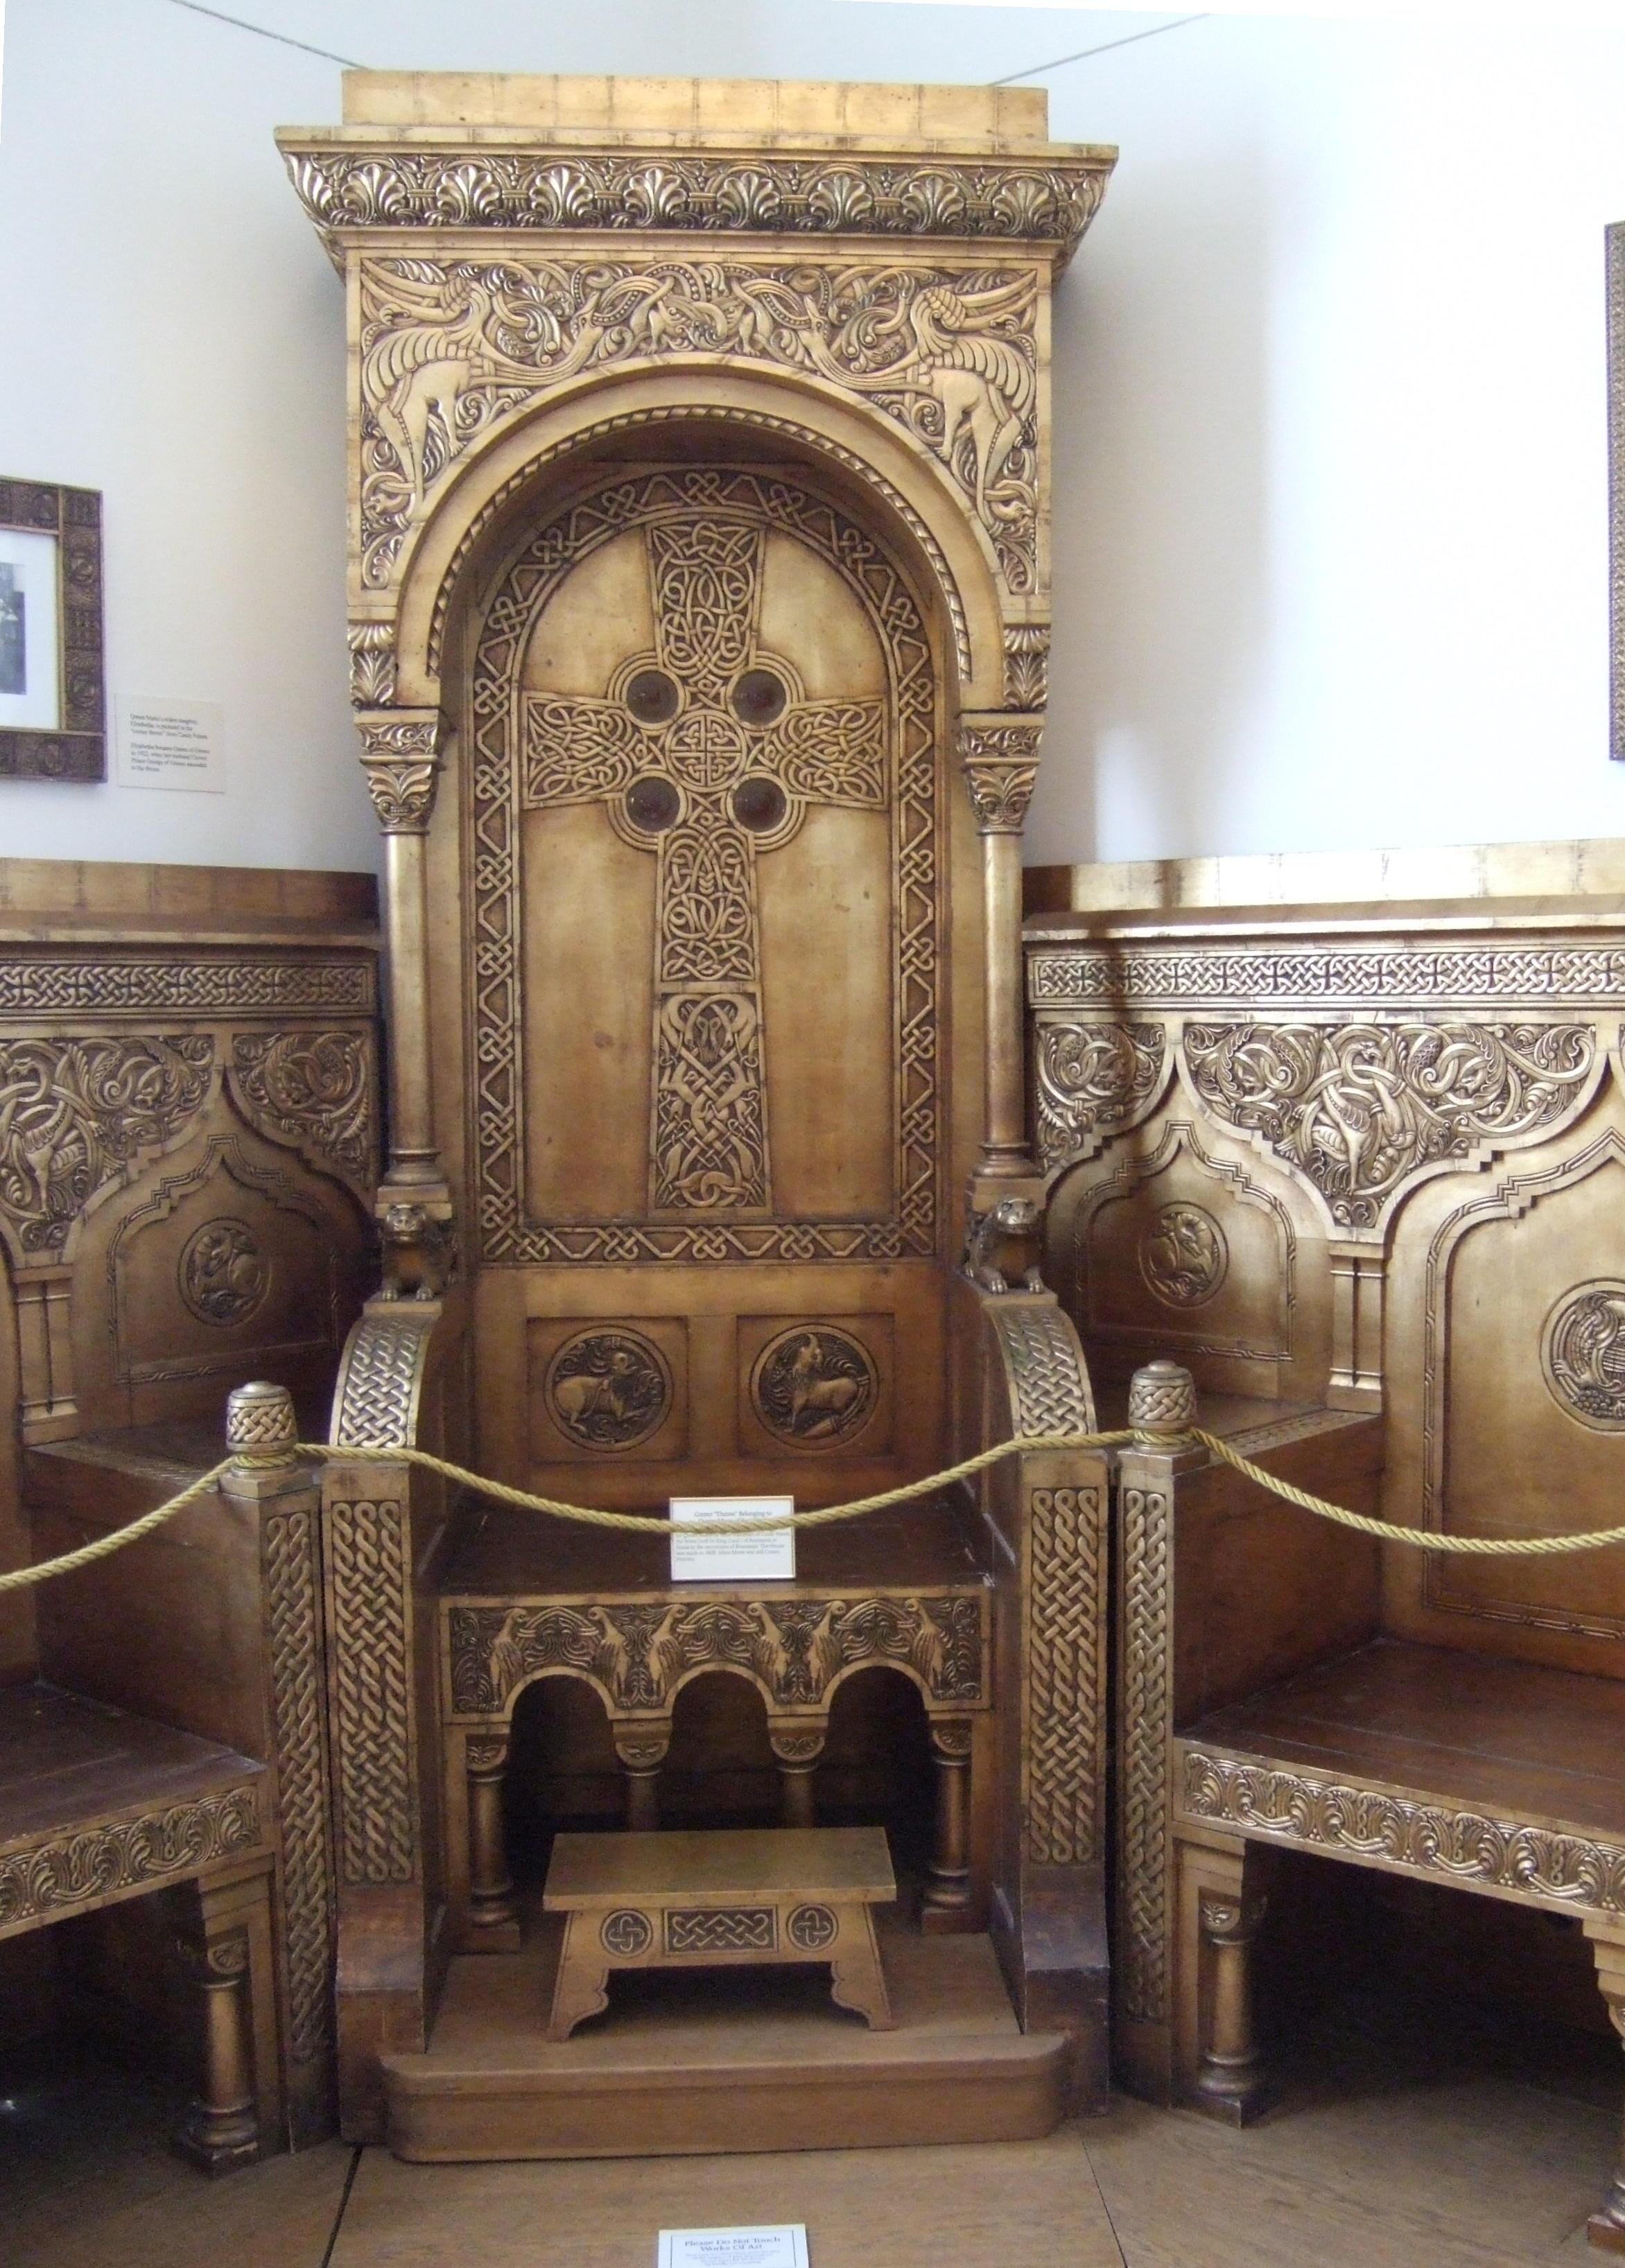 Queen Marie's throne